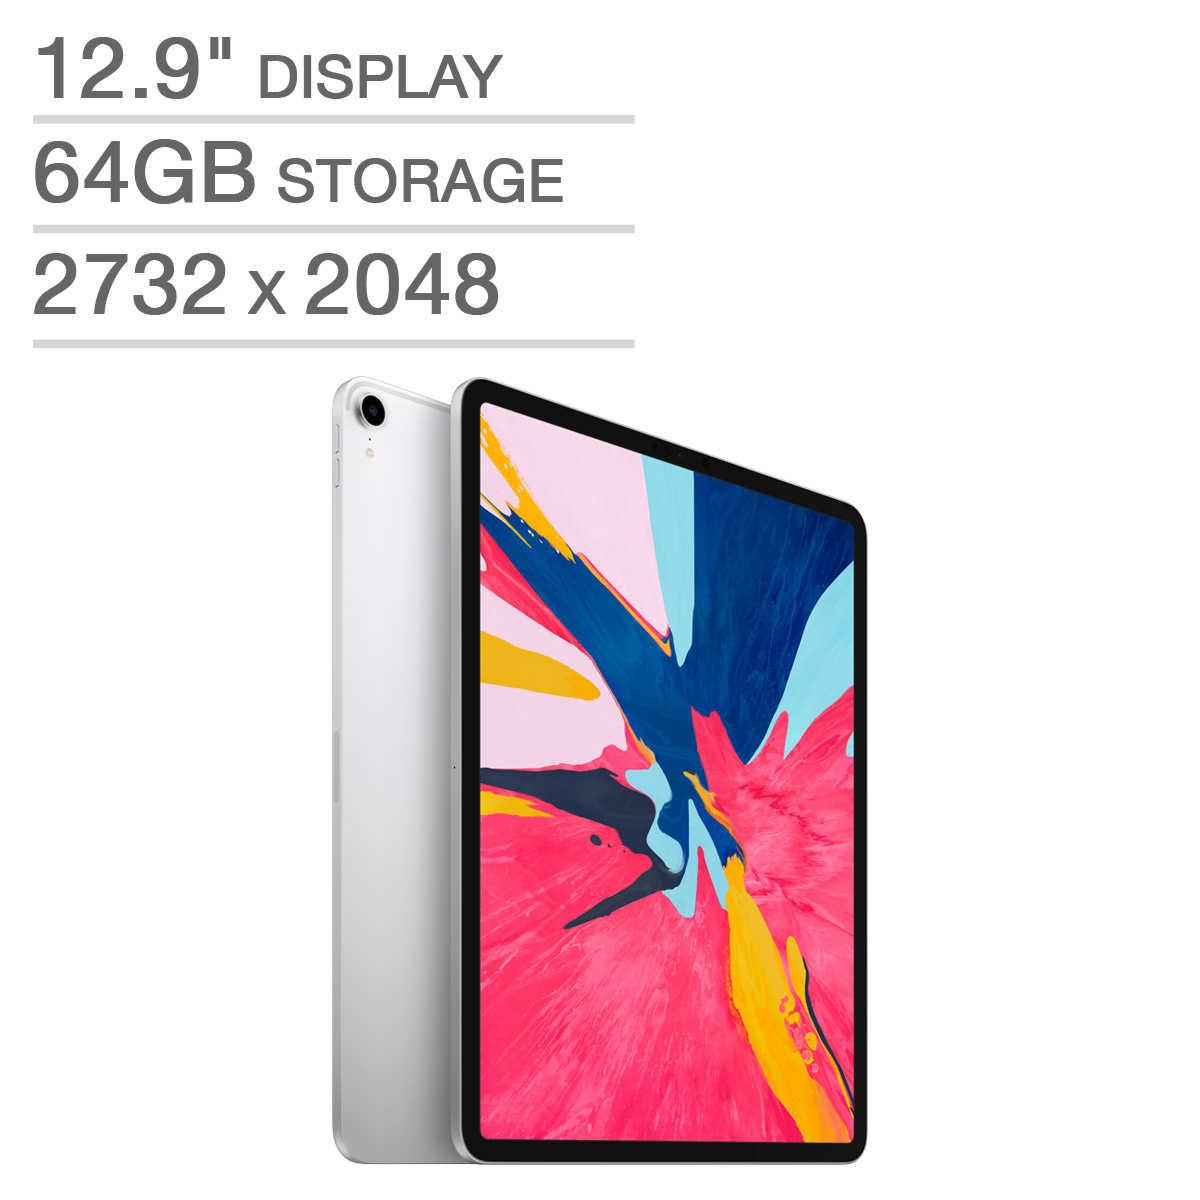 Apple iPad Pro A12X Bionic Chip 64GB - Silver